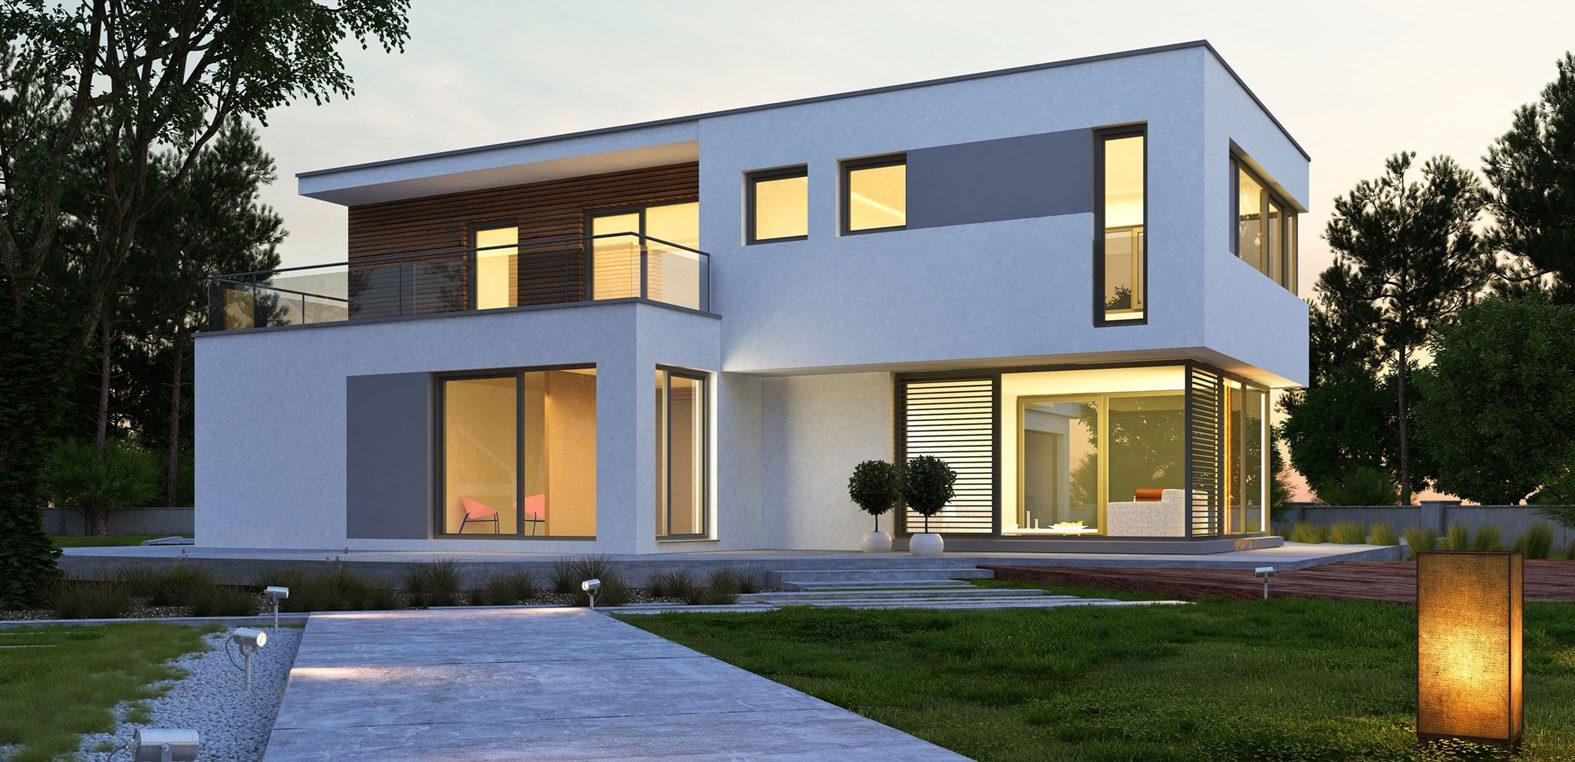 Anschaffungskosten und Absetzung für Abnutzung (AfA) für Grundstücke